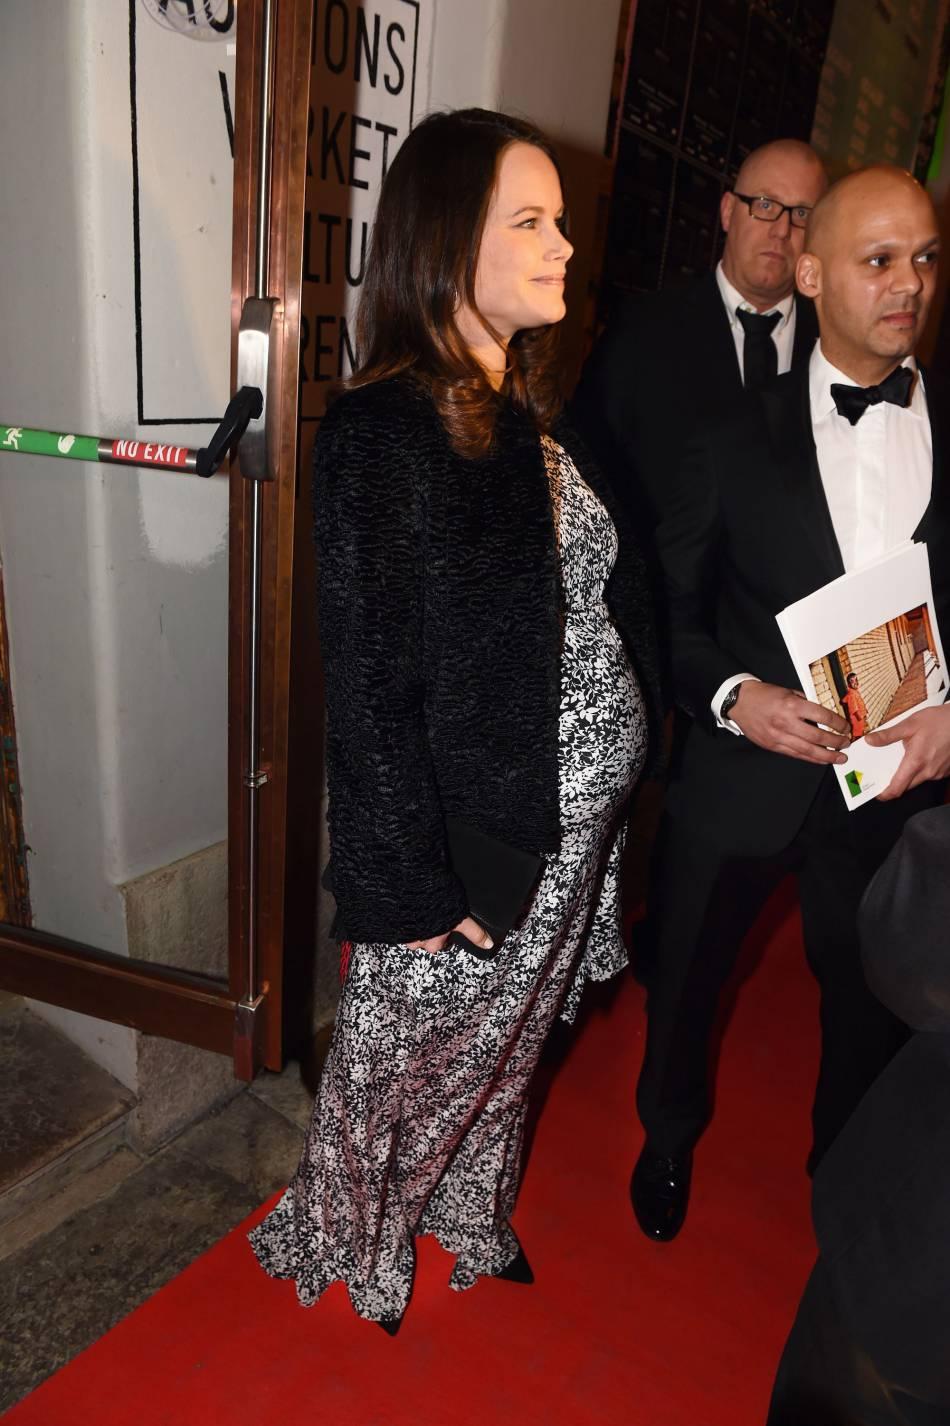 La princesse attend son premier enfant dont la naissance est prévue en avril.